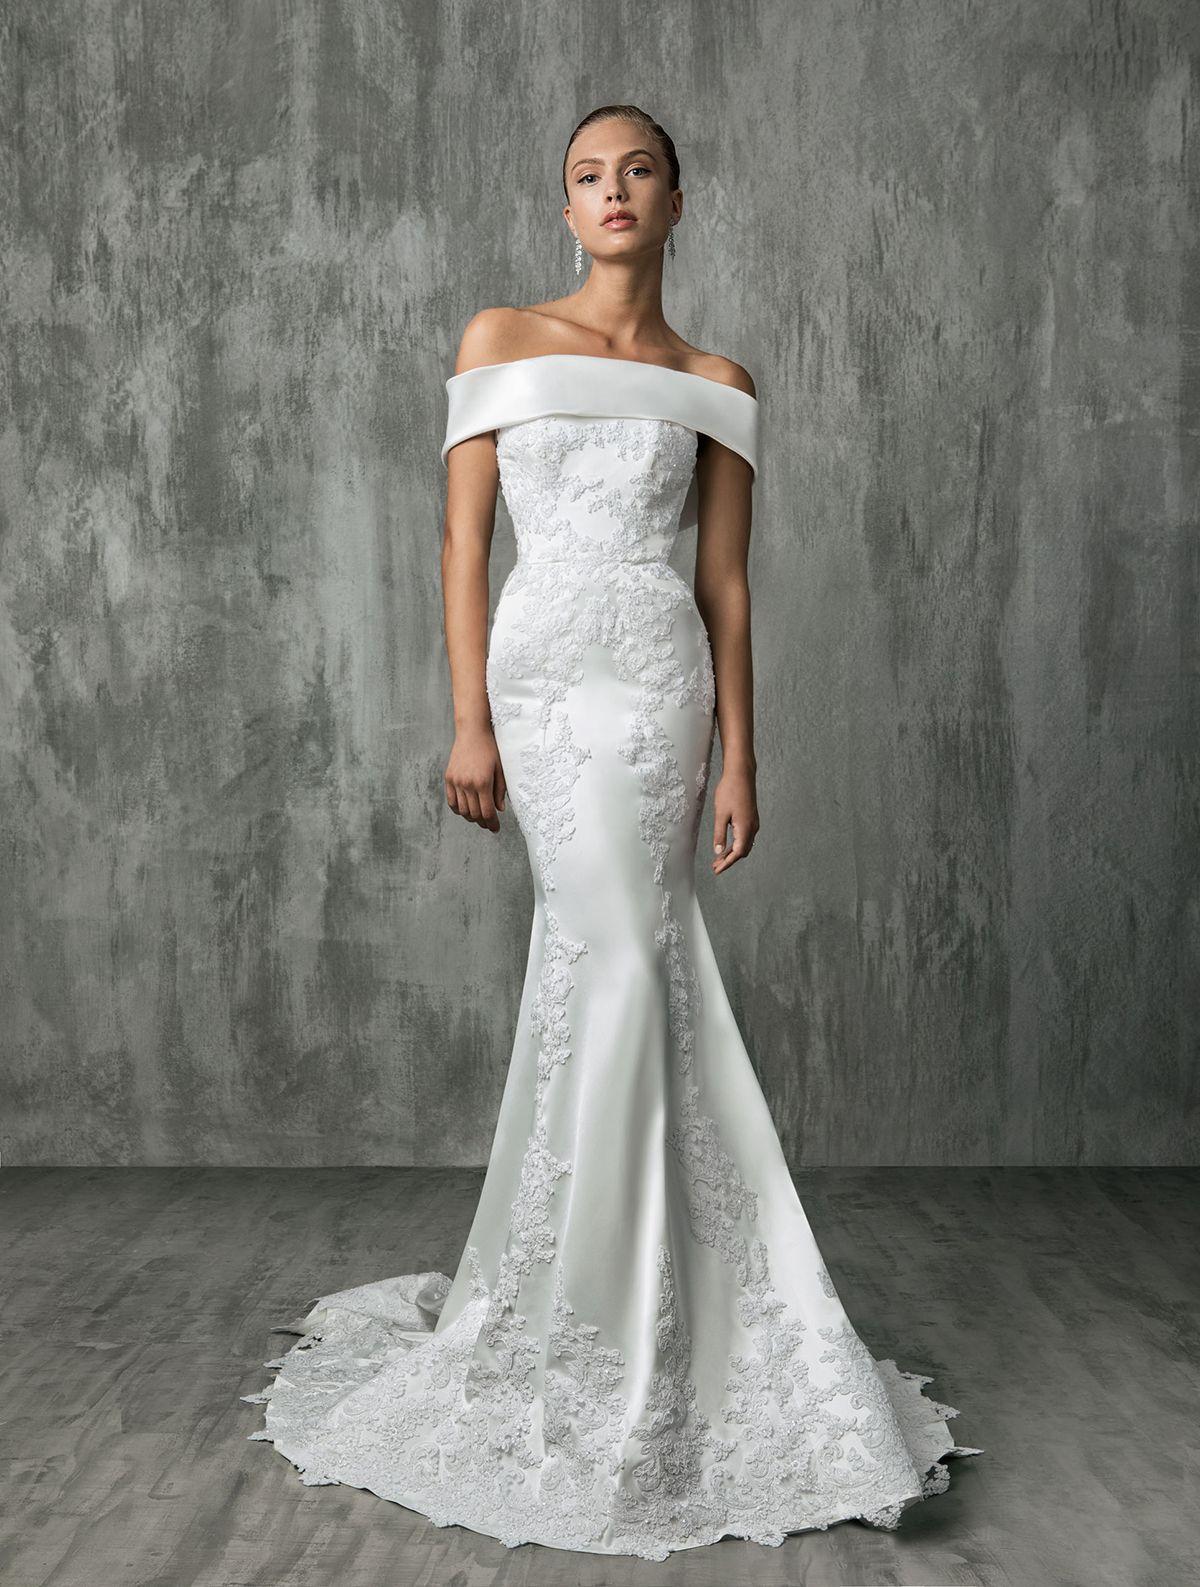 Off The Shoulder Dress Inspiration For The Stylish Bride Queensland Brides Wedding Dresses Bridal Dresses Wedding Dress Trends